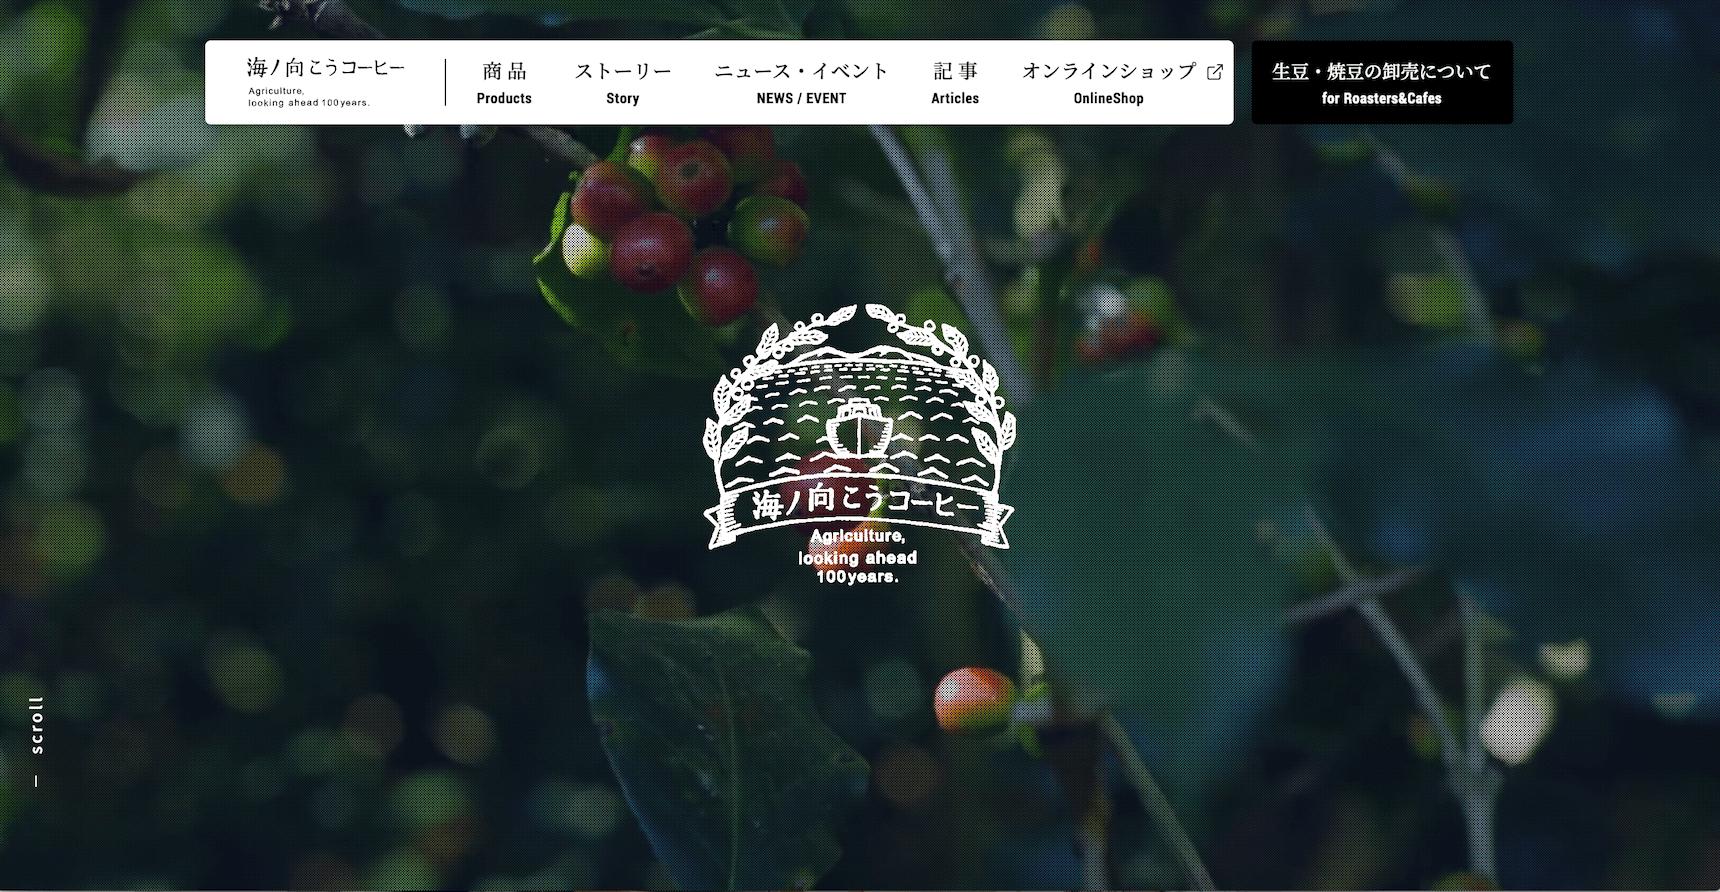 野菜宅配以外のプロジェクトもたくさんあります。「海ノ向こうコーヒー」は、東南アジアの山間部で栽培されるコーヒーを販売。品質向上に一緒に取り組み、副収入の機会を作ることで、森が切り開かれることを防ぎます。(プロジェクトサイトはこちら https://www.on-the-slope.com/projects/umi/)